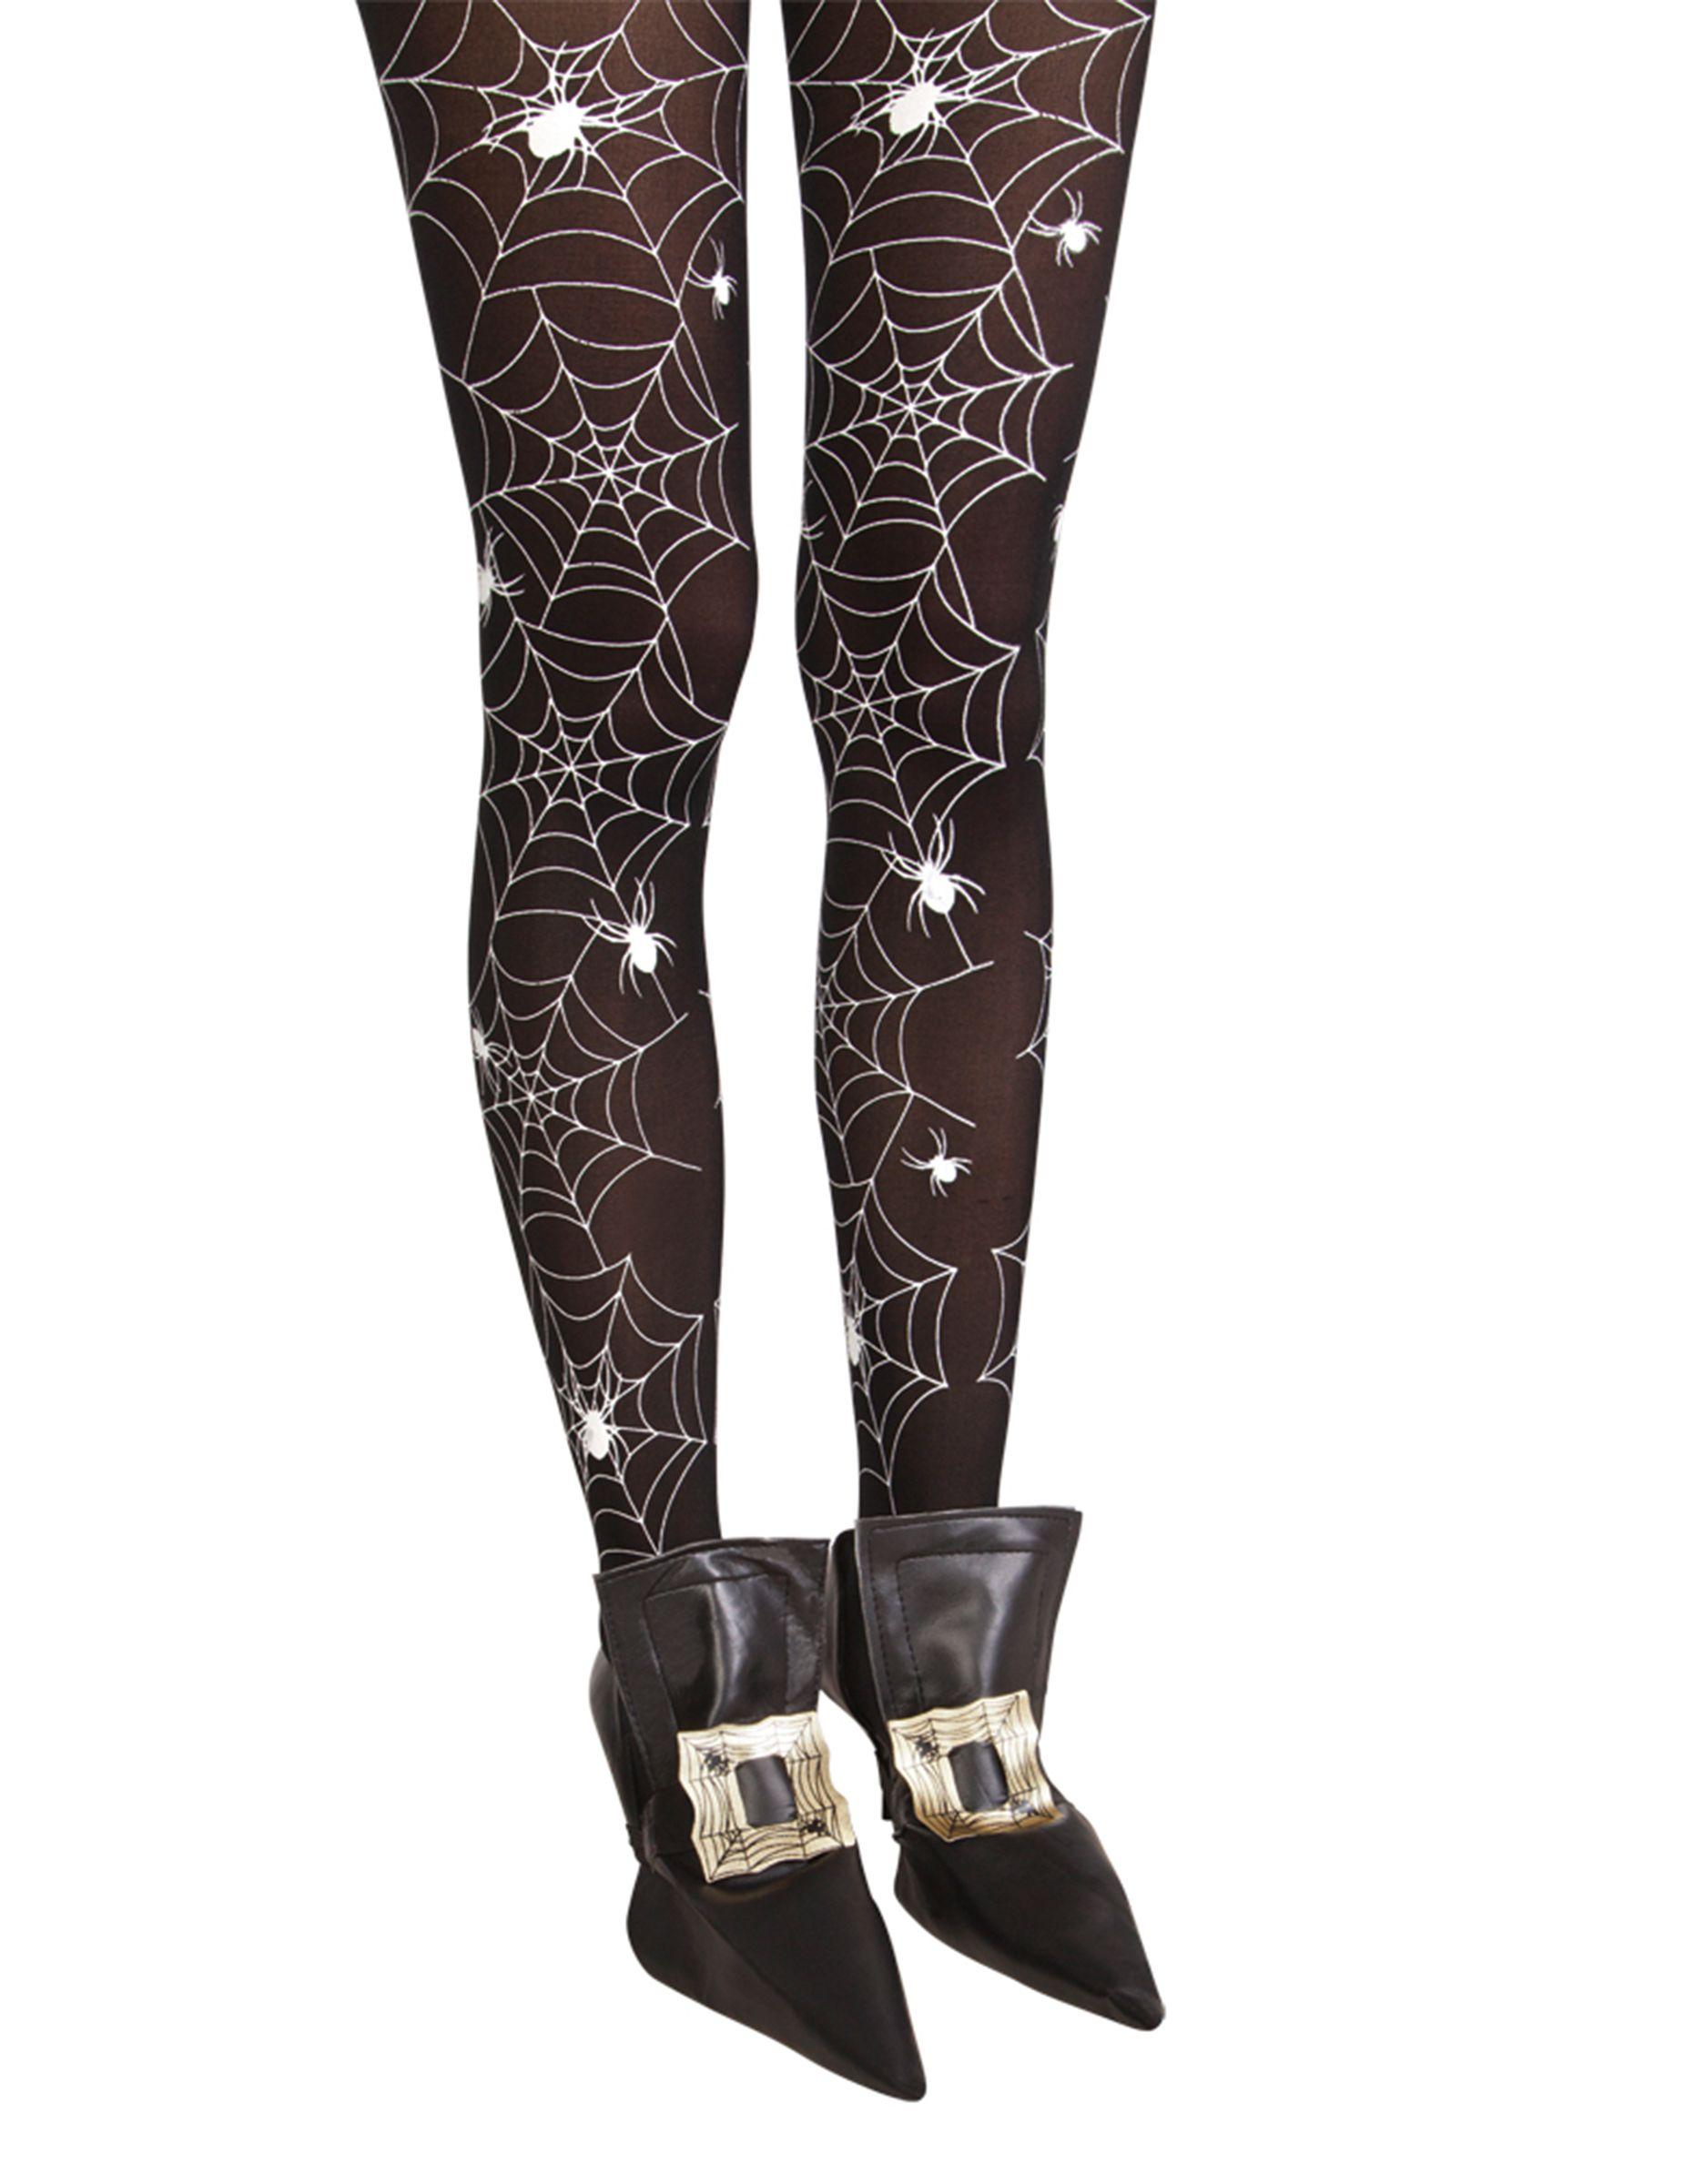 Des Couvre-chaussures De Sorcière Noir o4LRy